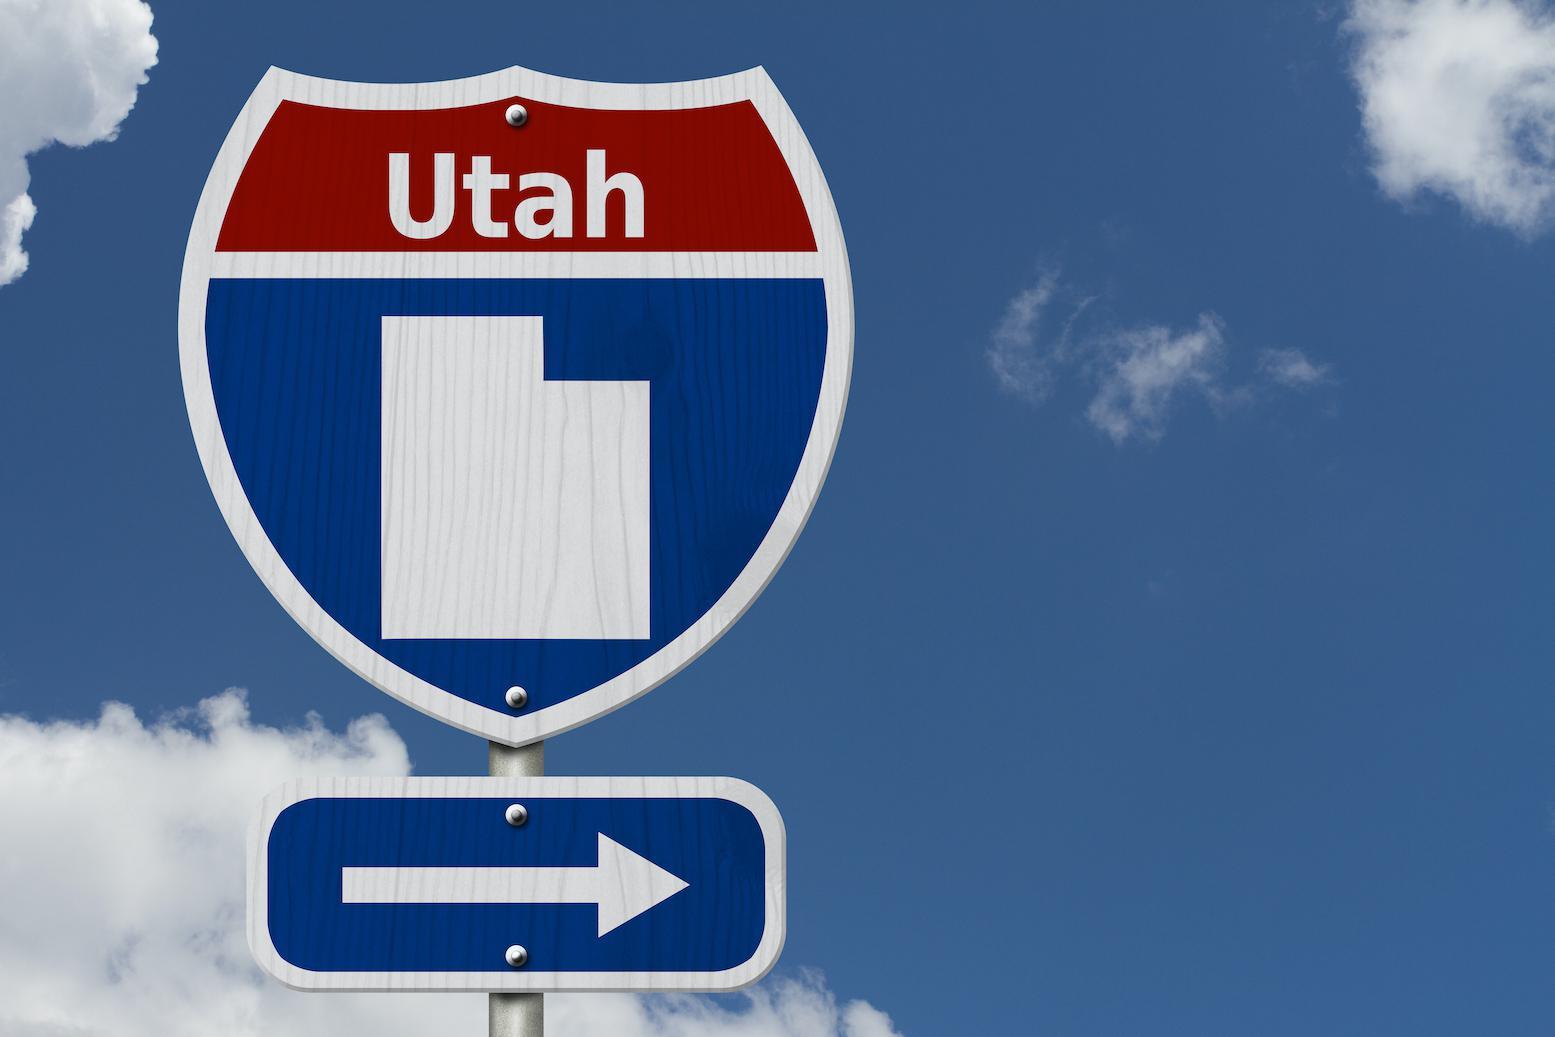 Blue highway sign